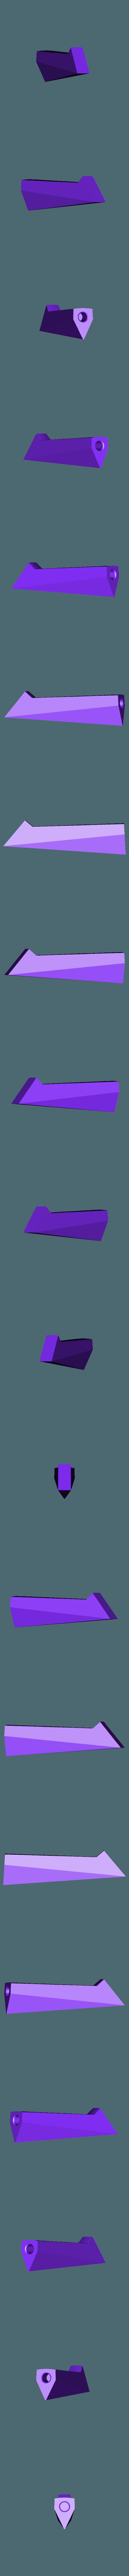 arm.stl Télécharger fichier STL gratuit Porte-casque • Plan pour imprimante 3D, marcossierra